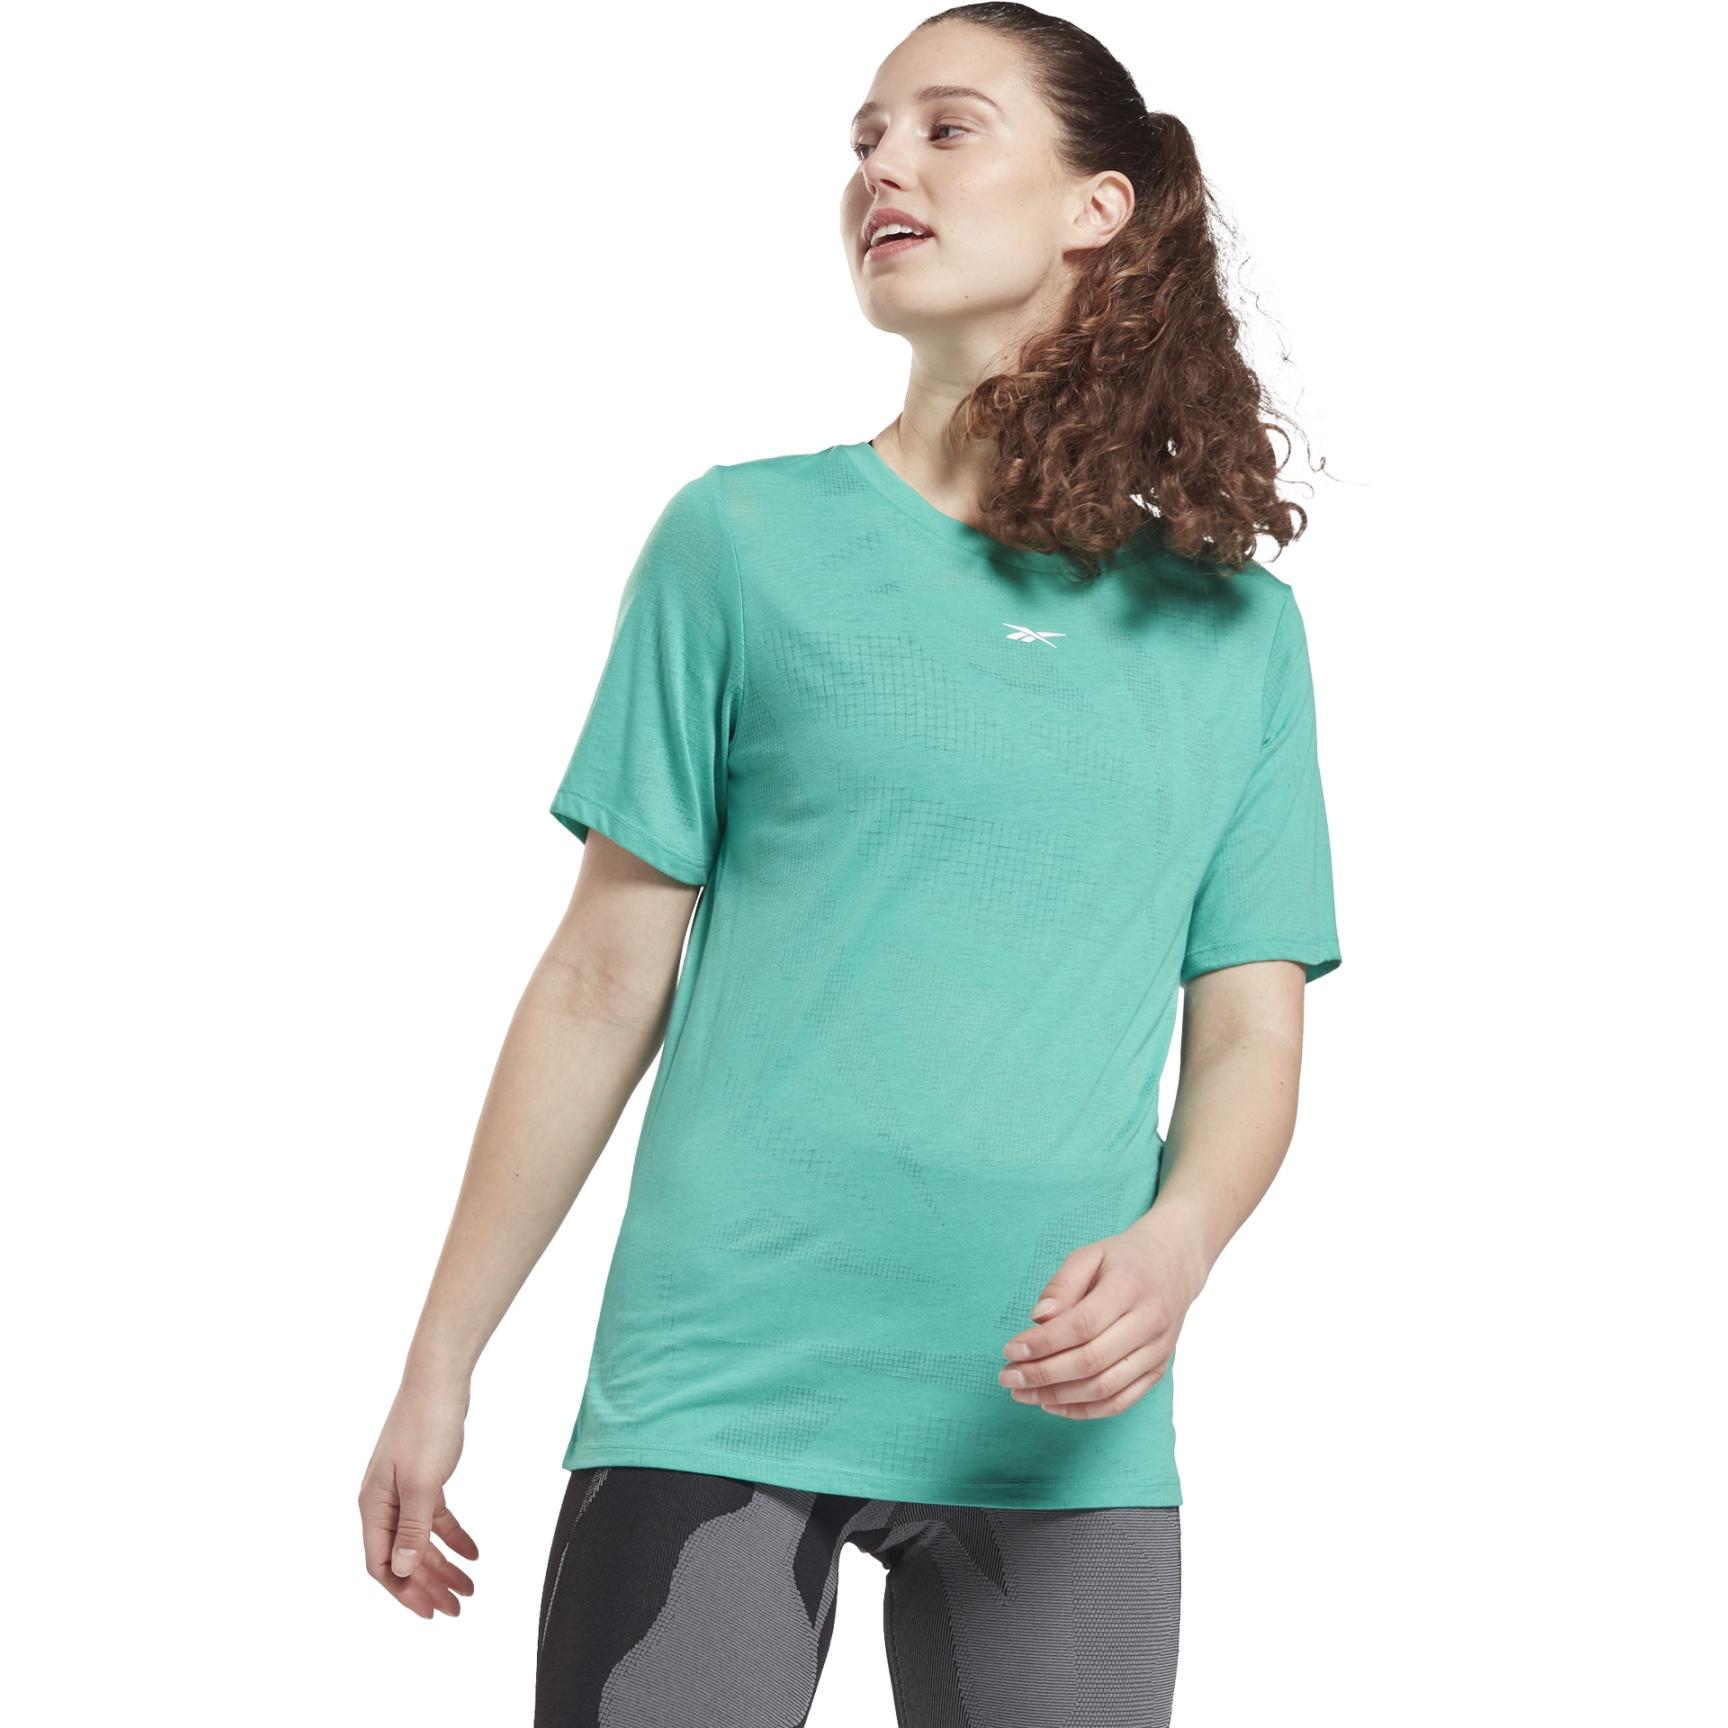 Image of Reebok Burnout Tee Women's T-Shirt - future teal